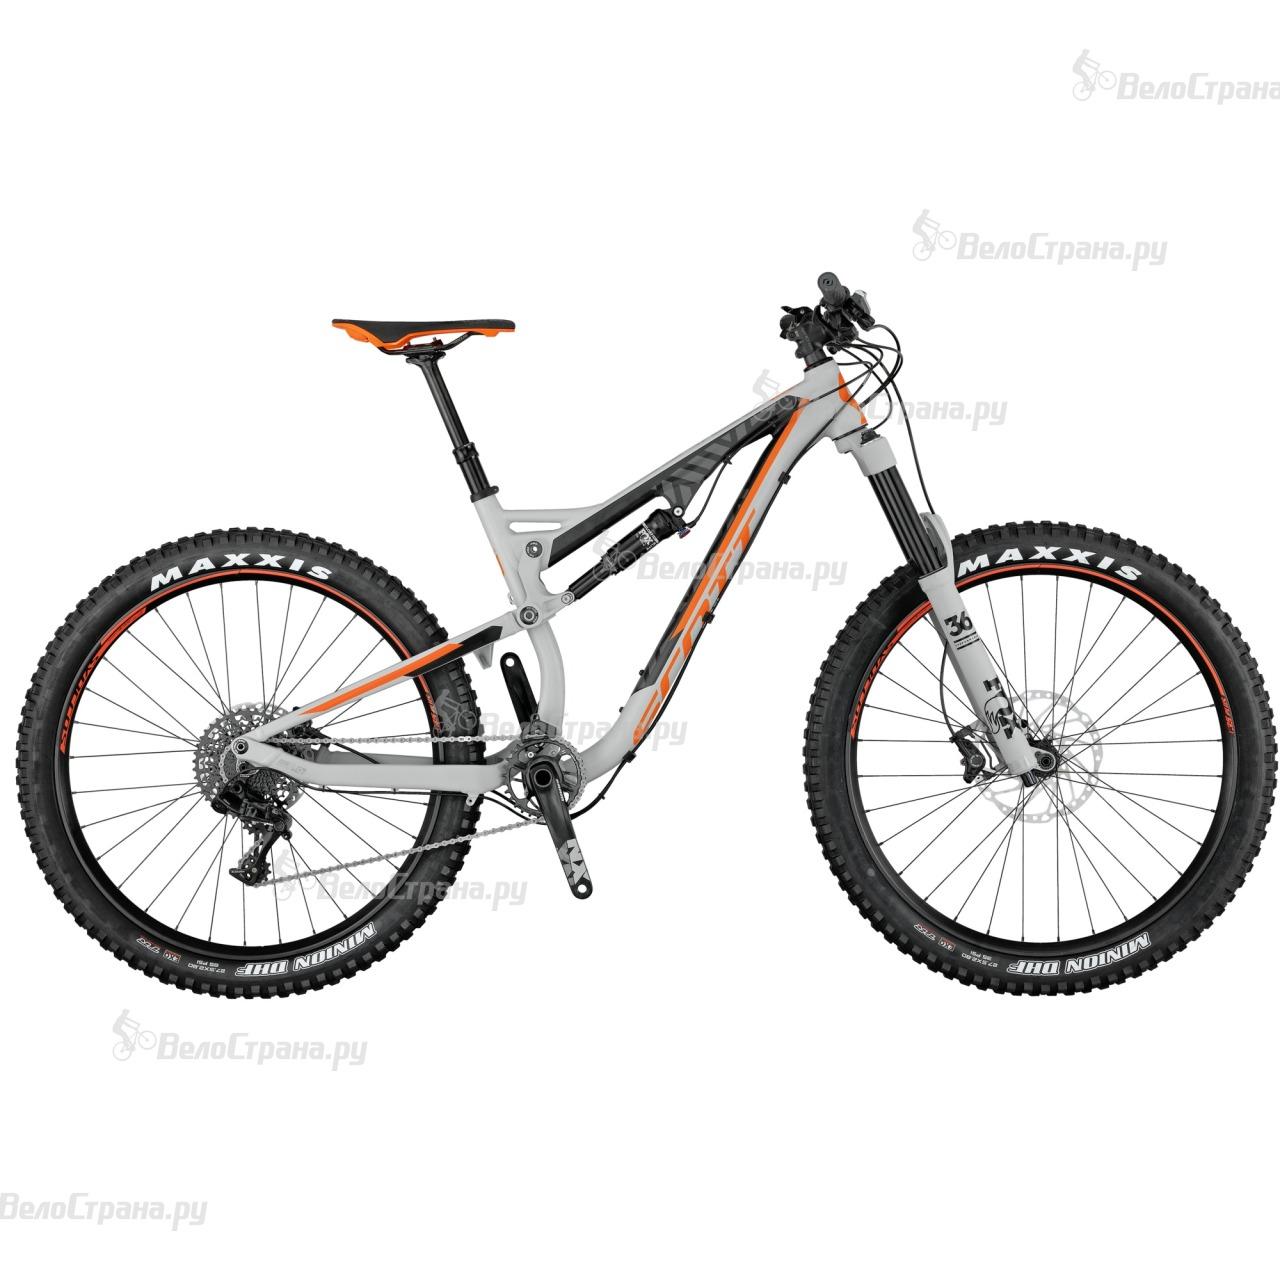 Велосипед Scott Genius LT 720 Plus (2017) велосипед scott genius lt 720 2015